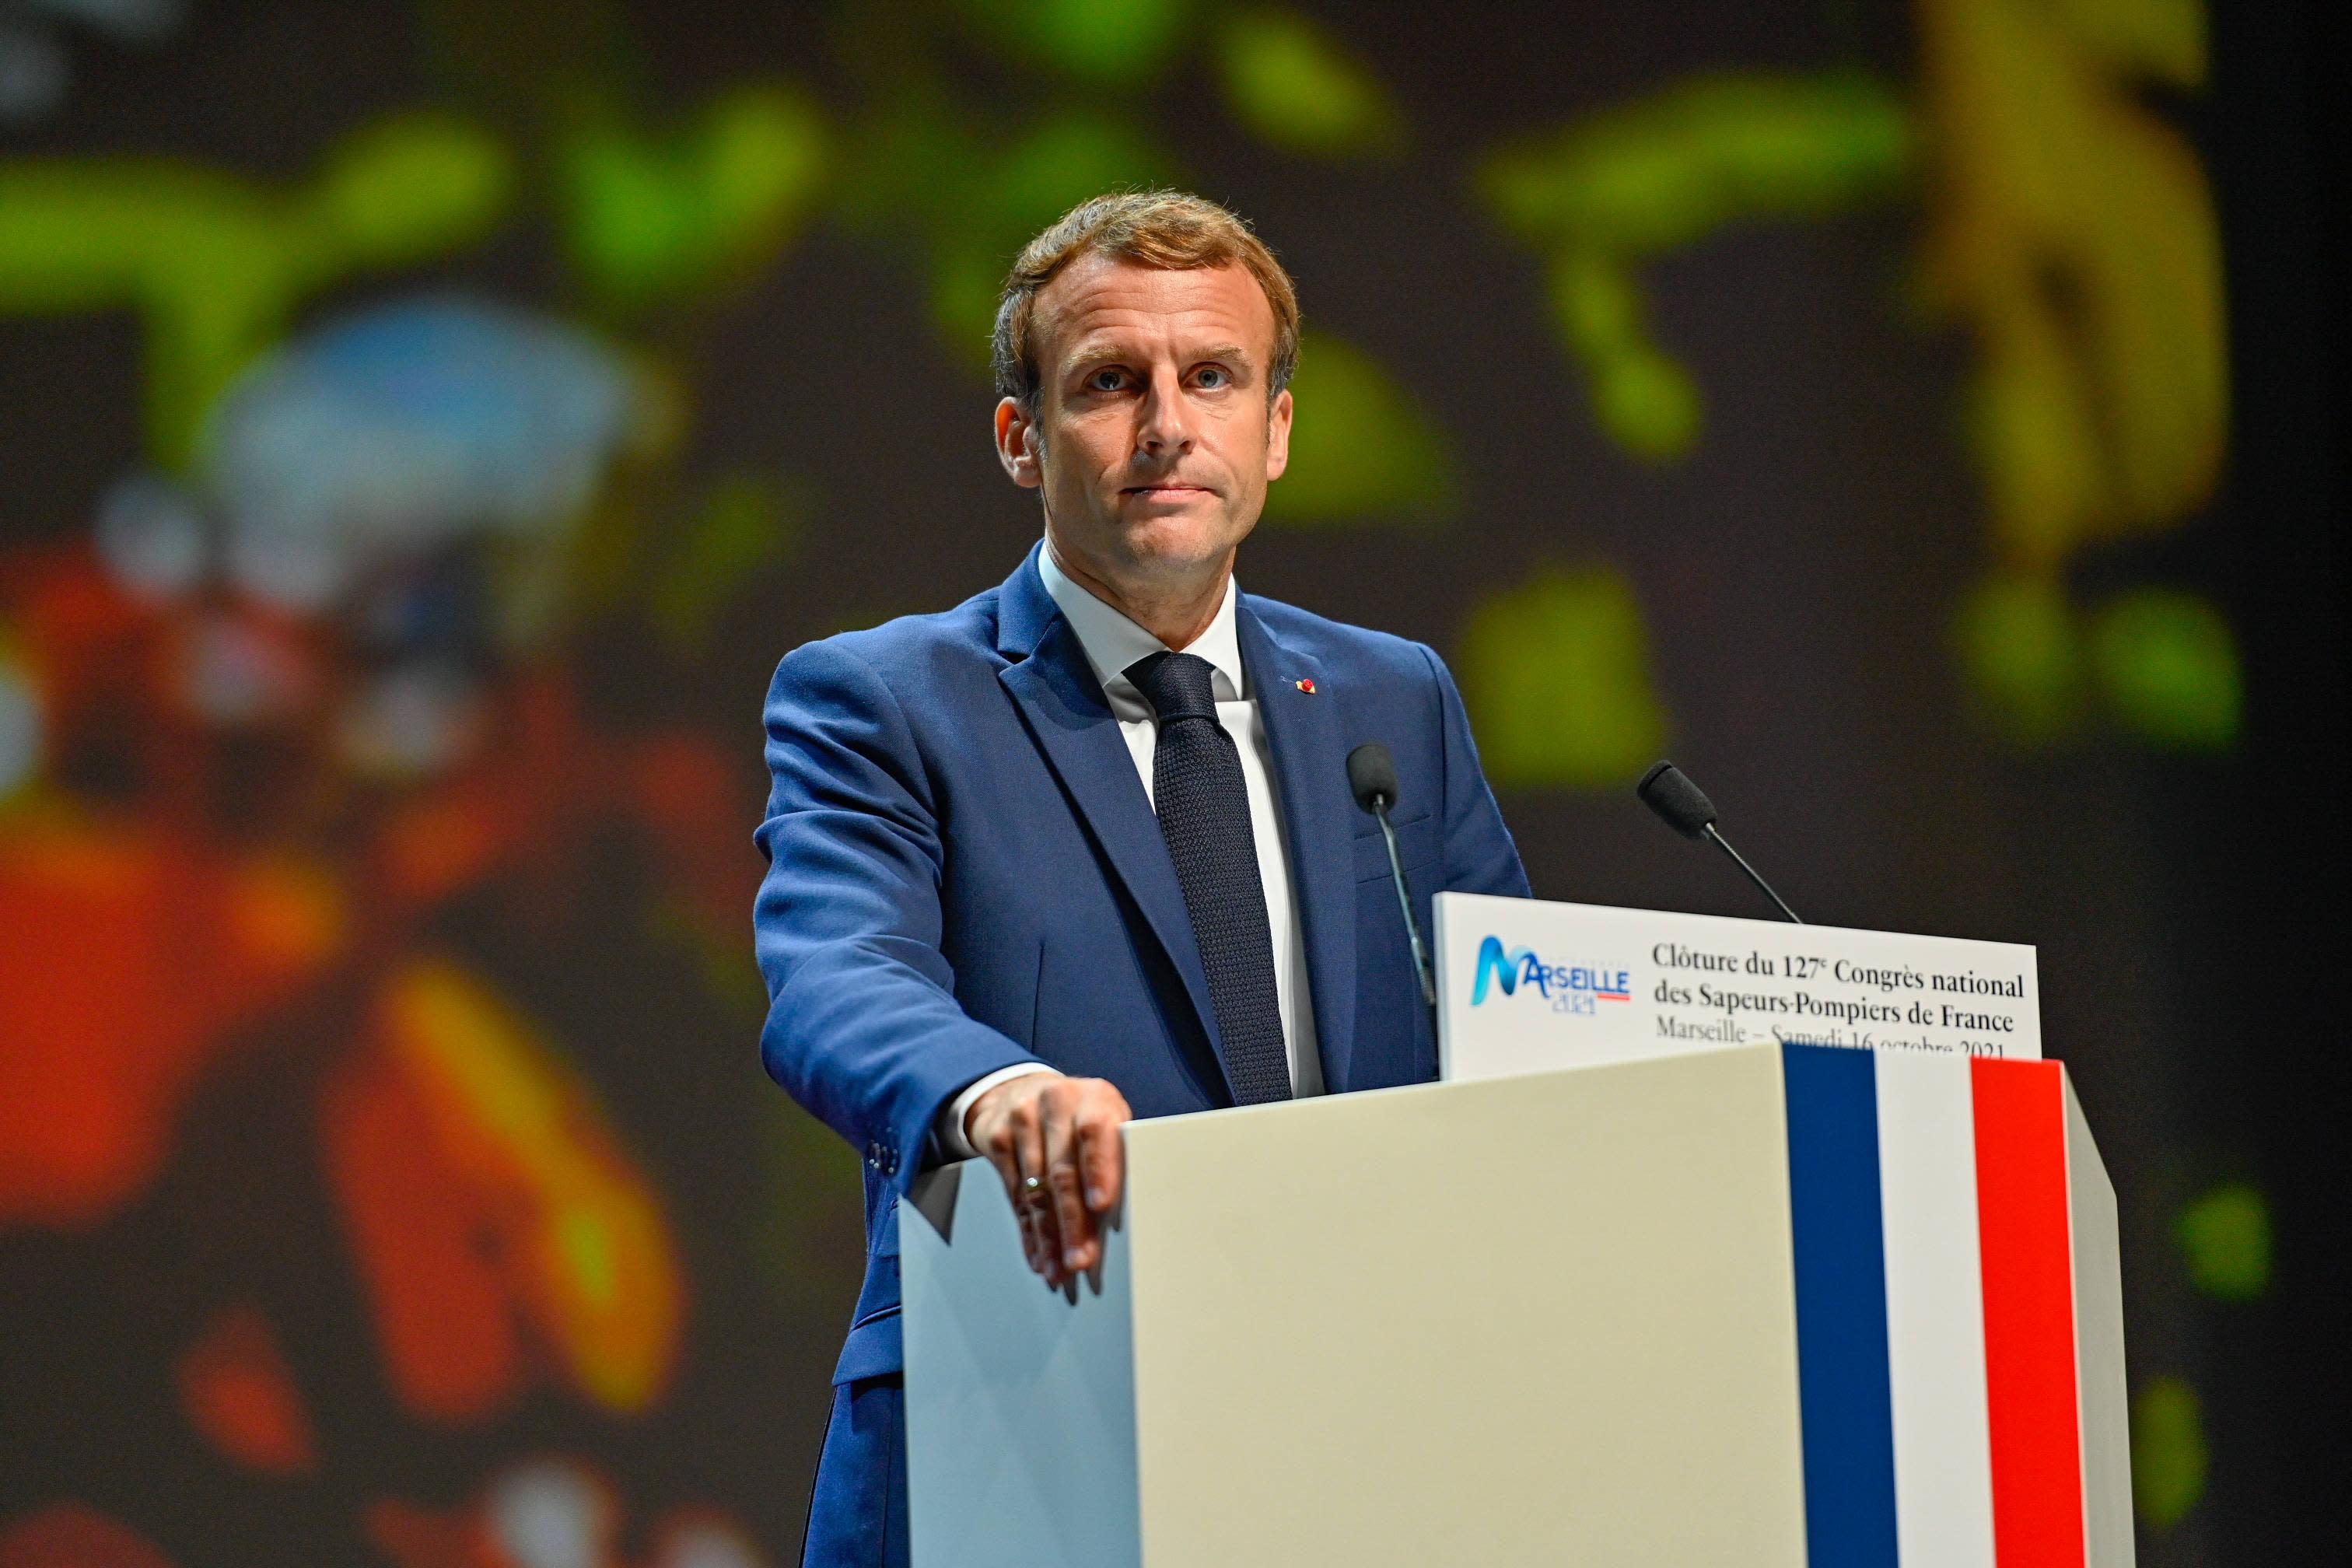 La popularité d'Emmanuel Macron recule en octobre